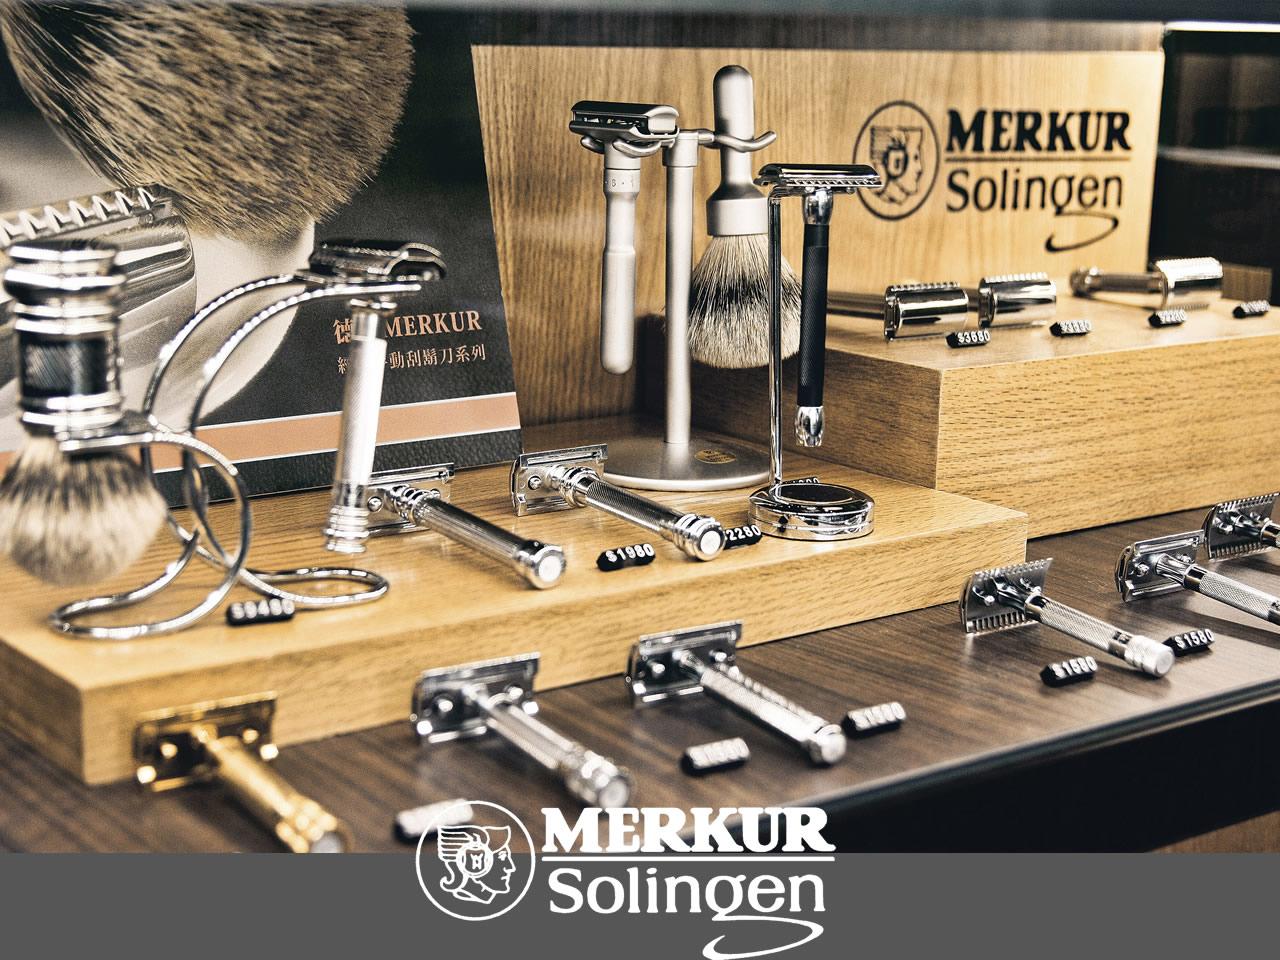 MERKUR傳統刮鬍系列商品